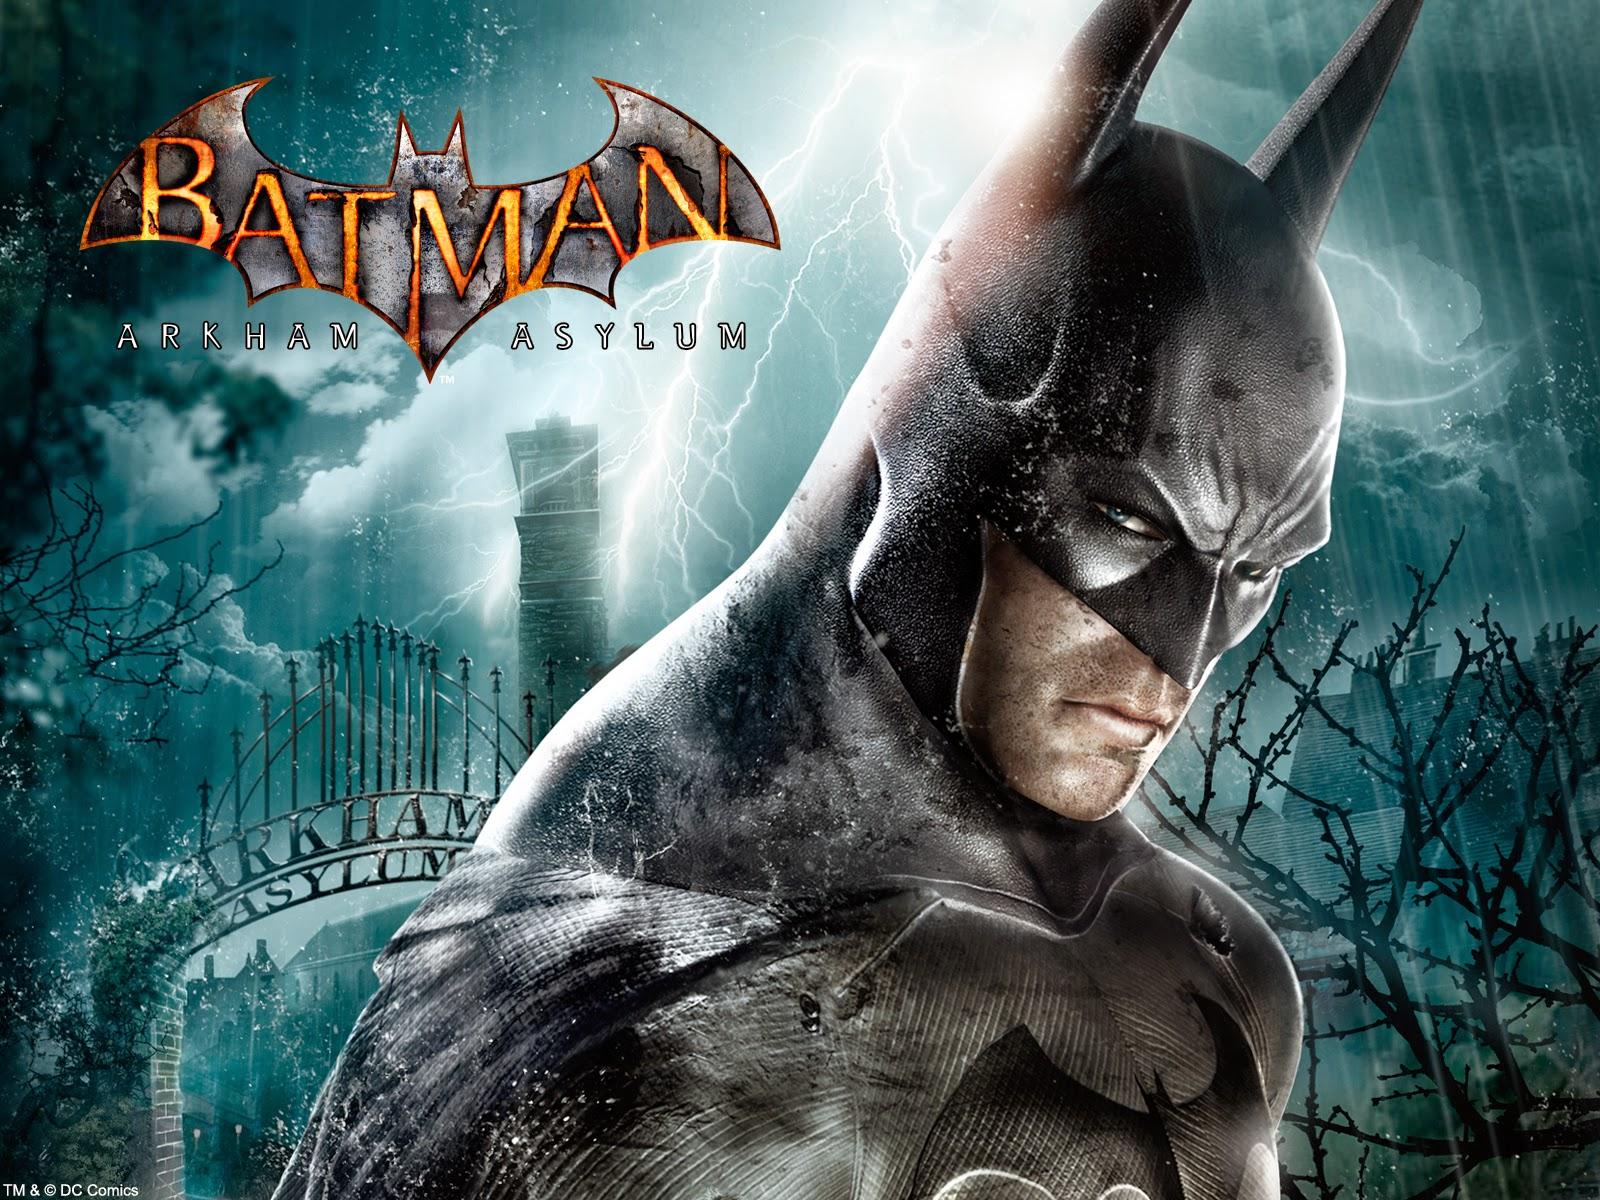 Juegos confirmados PlayStation Plus Octubre 2014 - Batman: Arkham Asylum, DRIVECLUB y mucho más